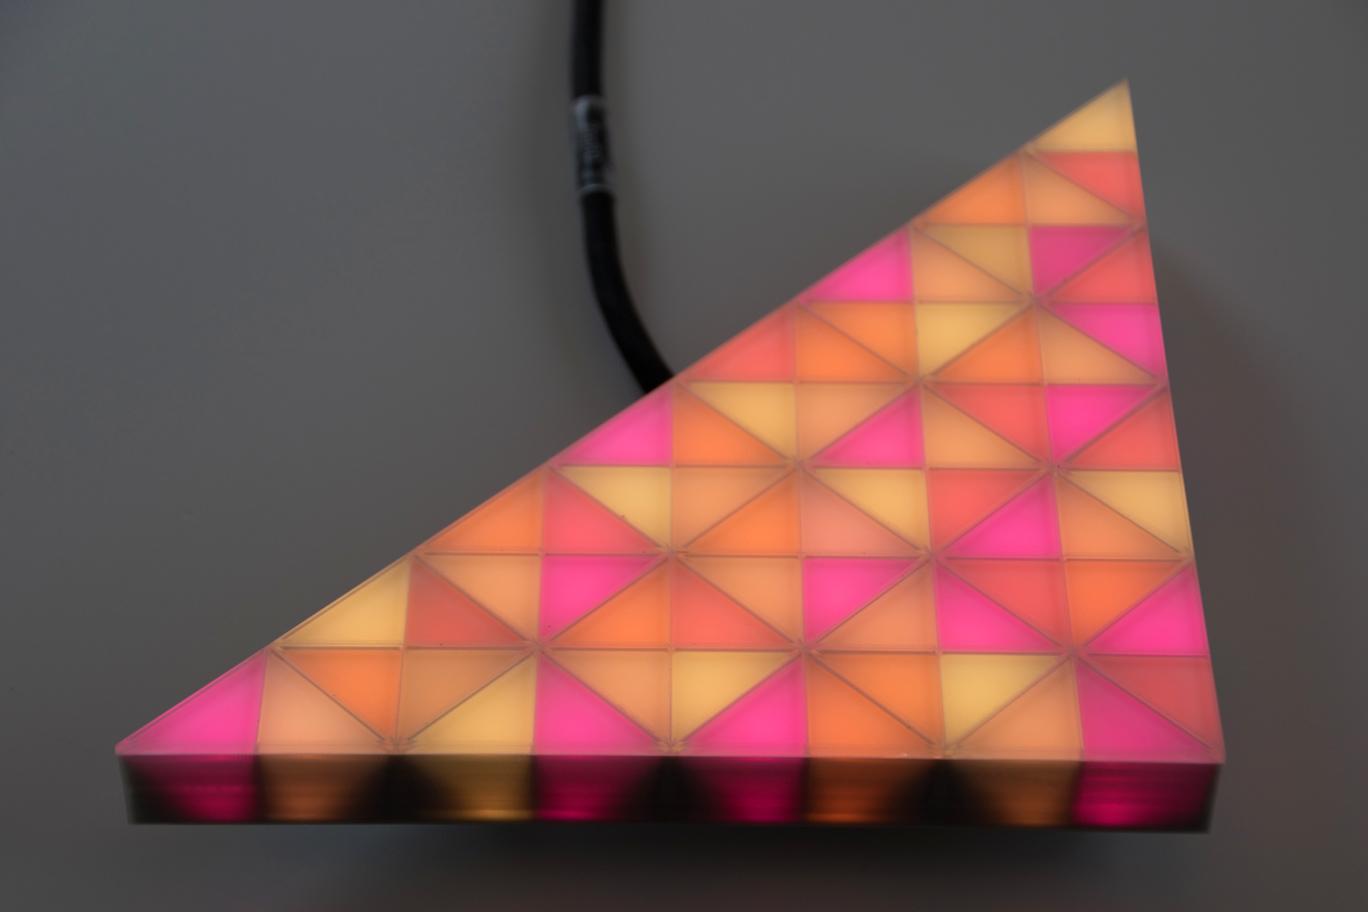 voll videofähiges, orange leuchtendes LED-Modul in einer dreieckigen Form